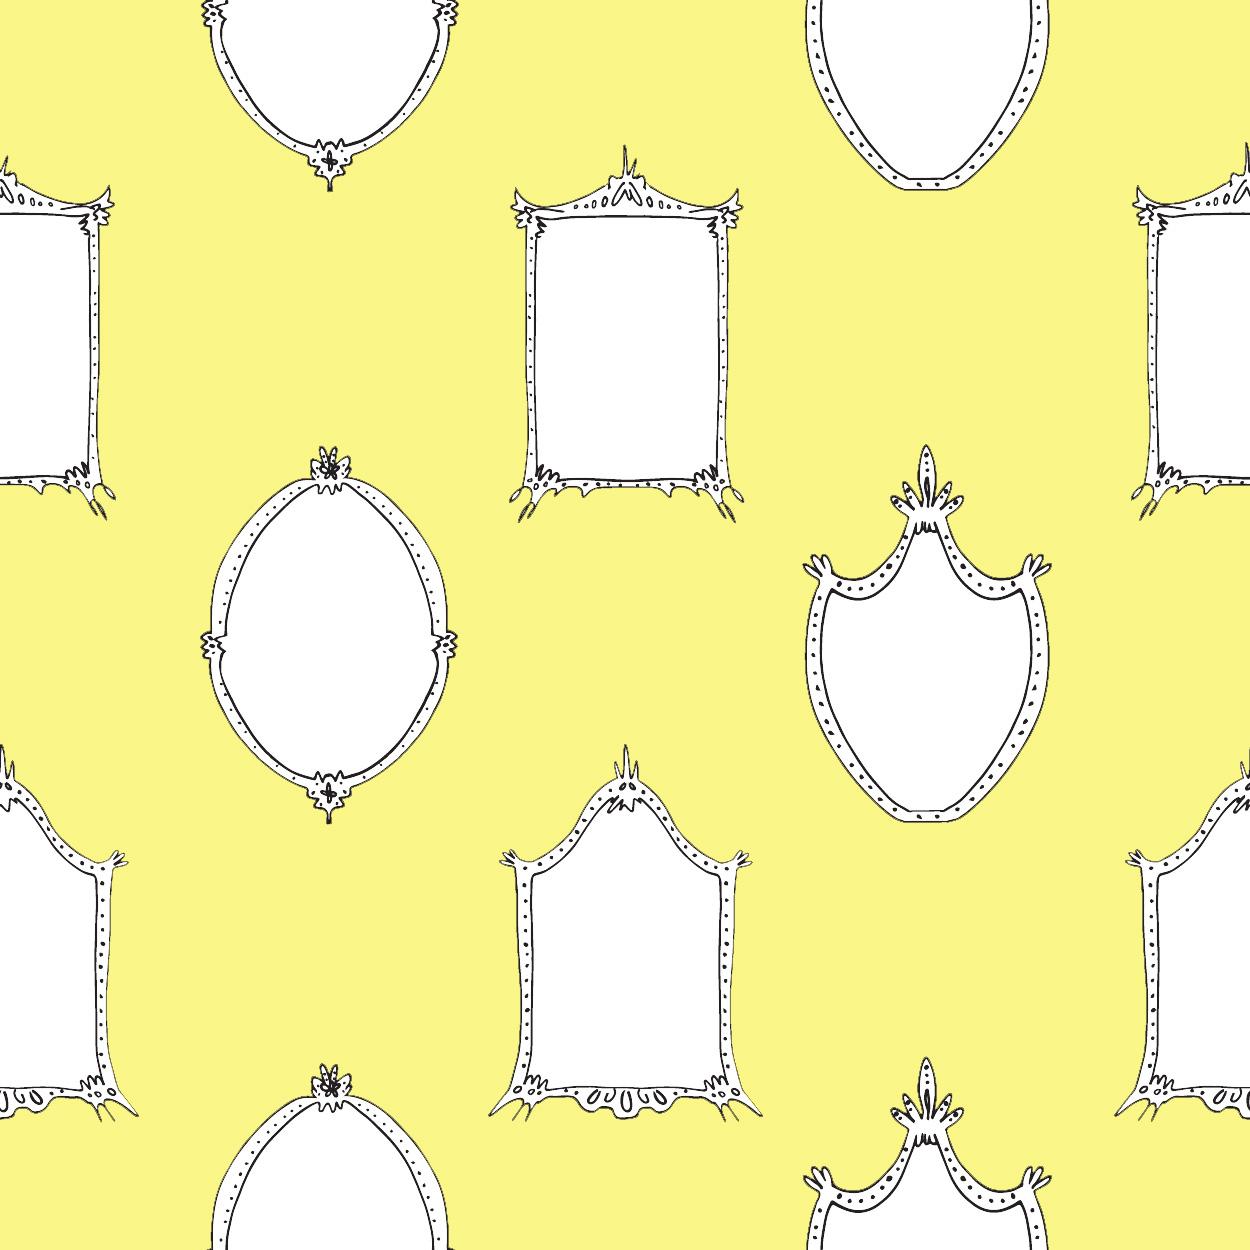 Mirrors - Yellow